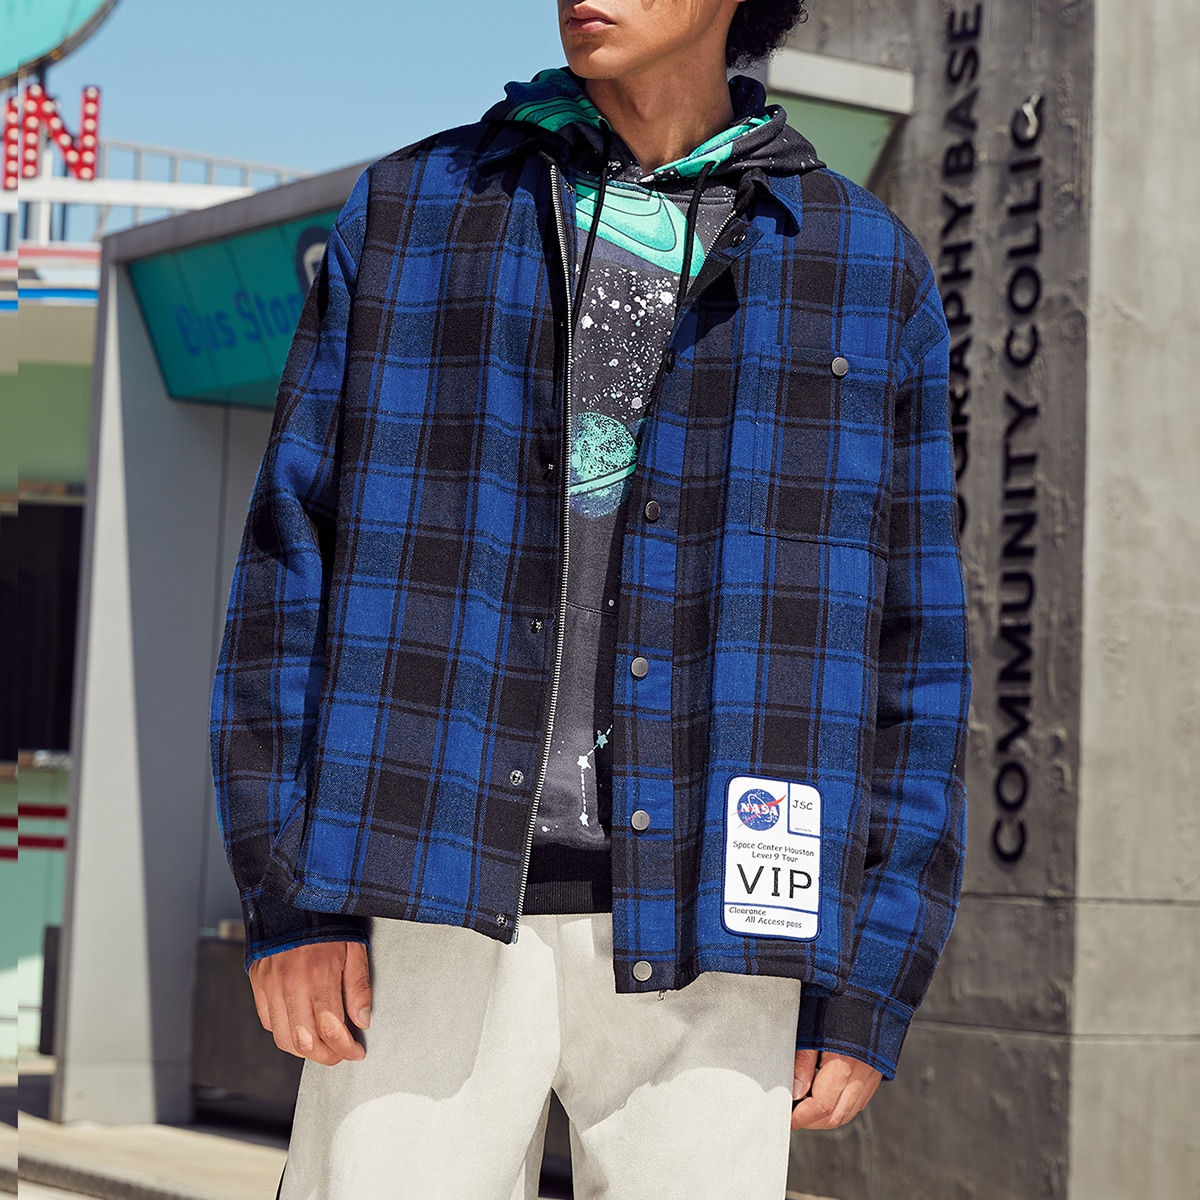 Мужская рубашка в клетку на пуговицах с текстовым принтом